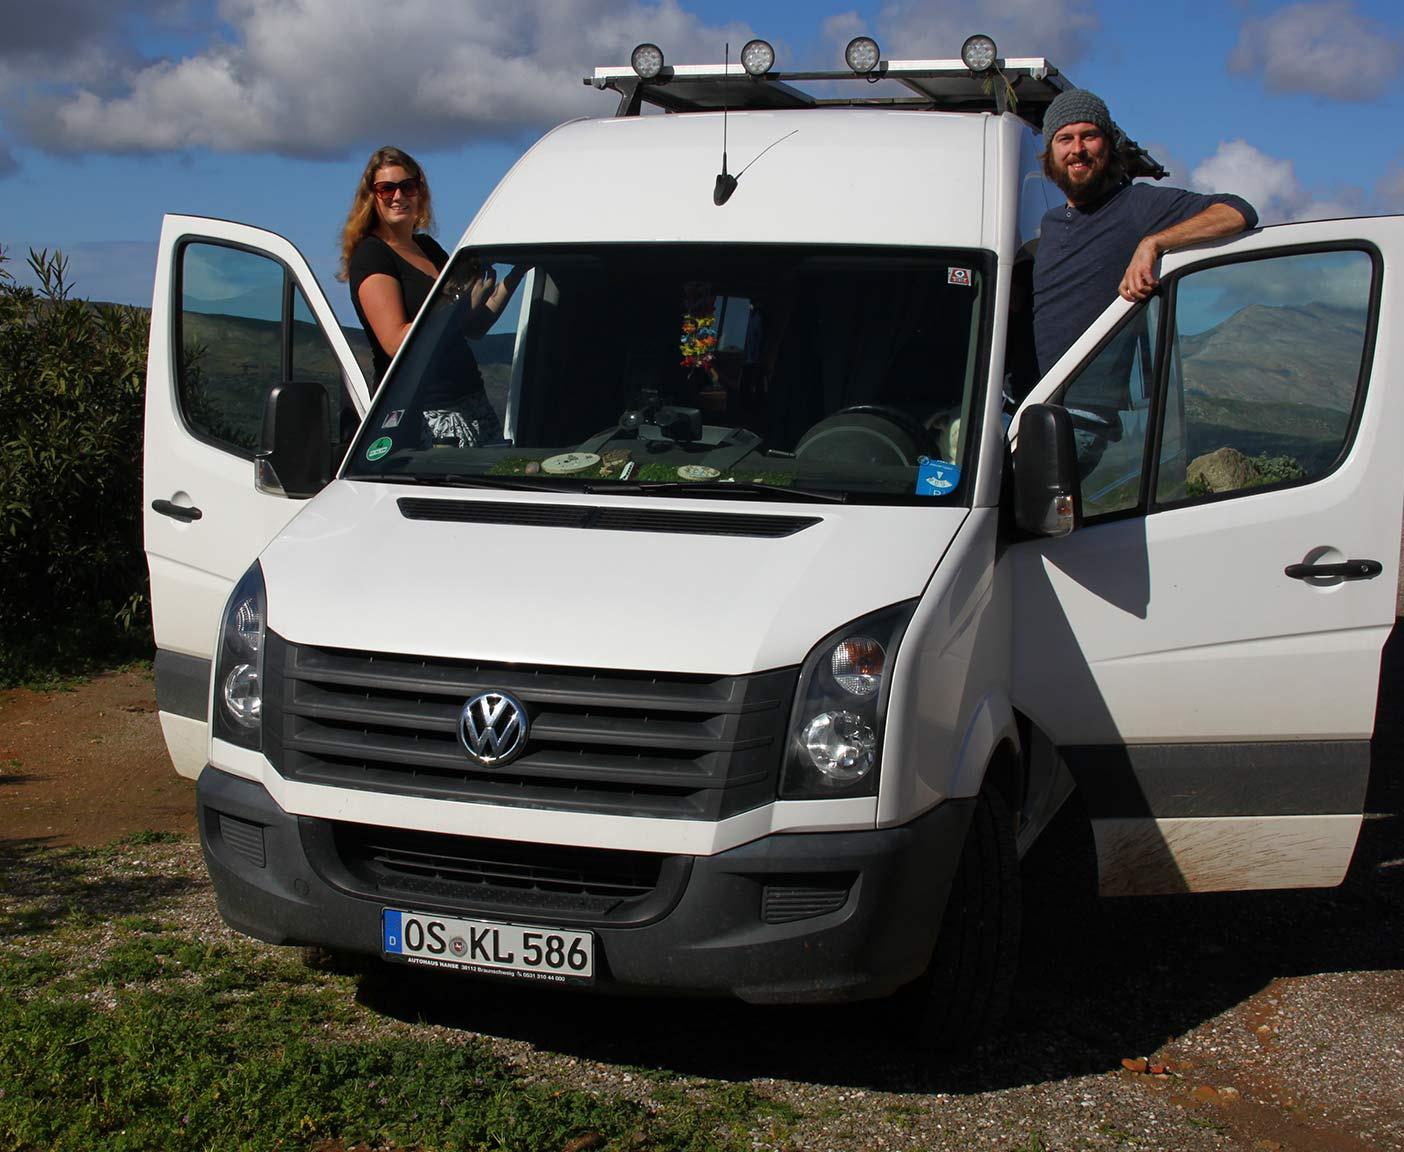 VW-crafter-preis-california-norwegen-4x4-gebraucht-kleinanzeigen